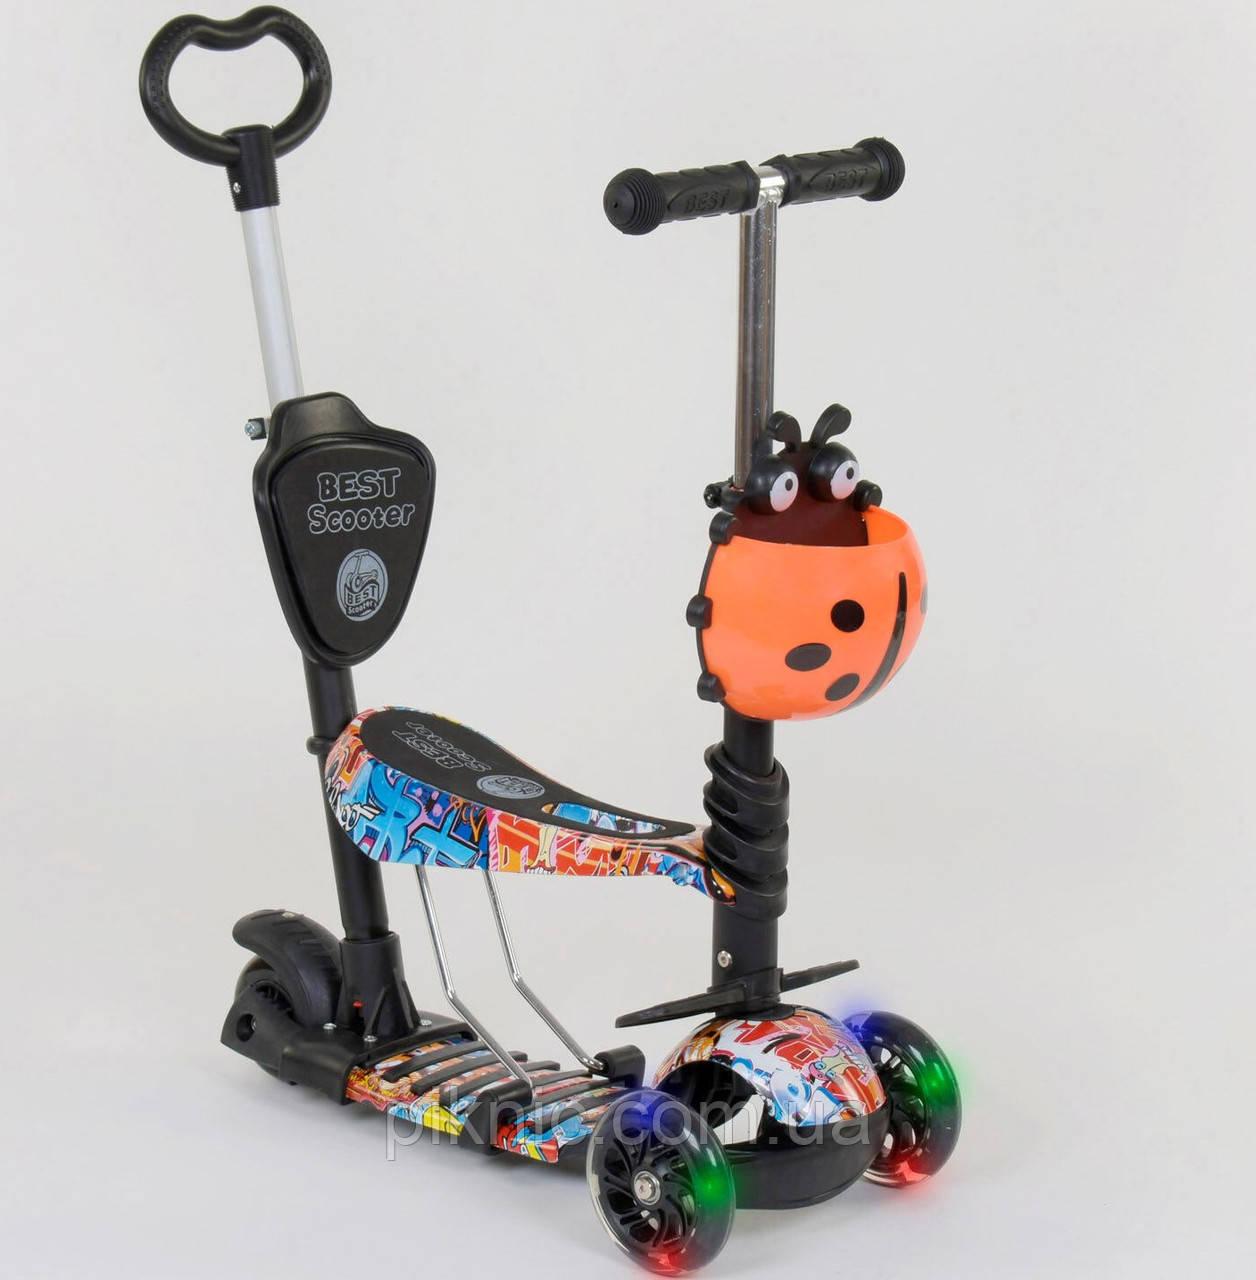 Детский самокат Мультик 5в1 для мальчиков от 1 года, колеса светящиеся, сидение, ручка. Черный